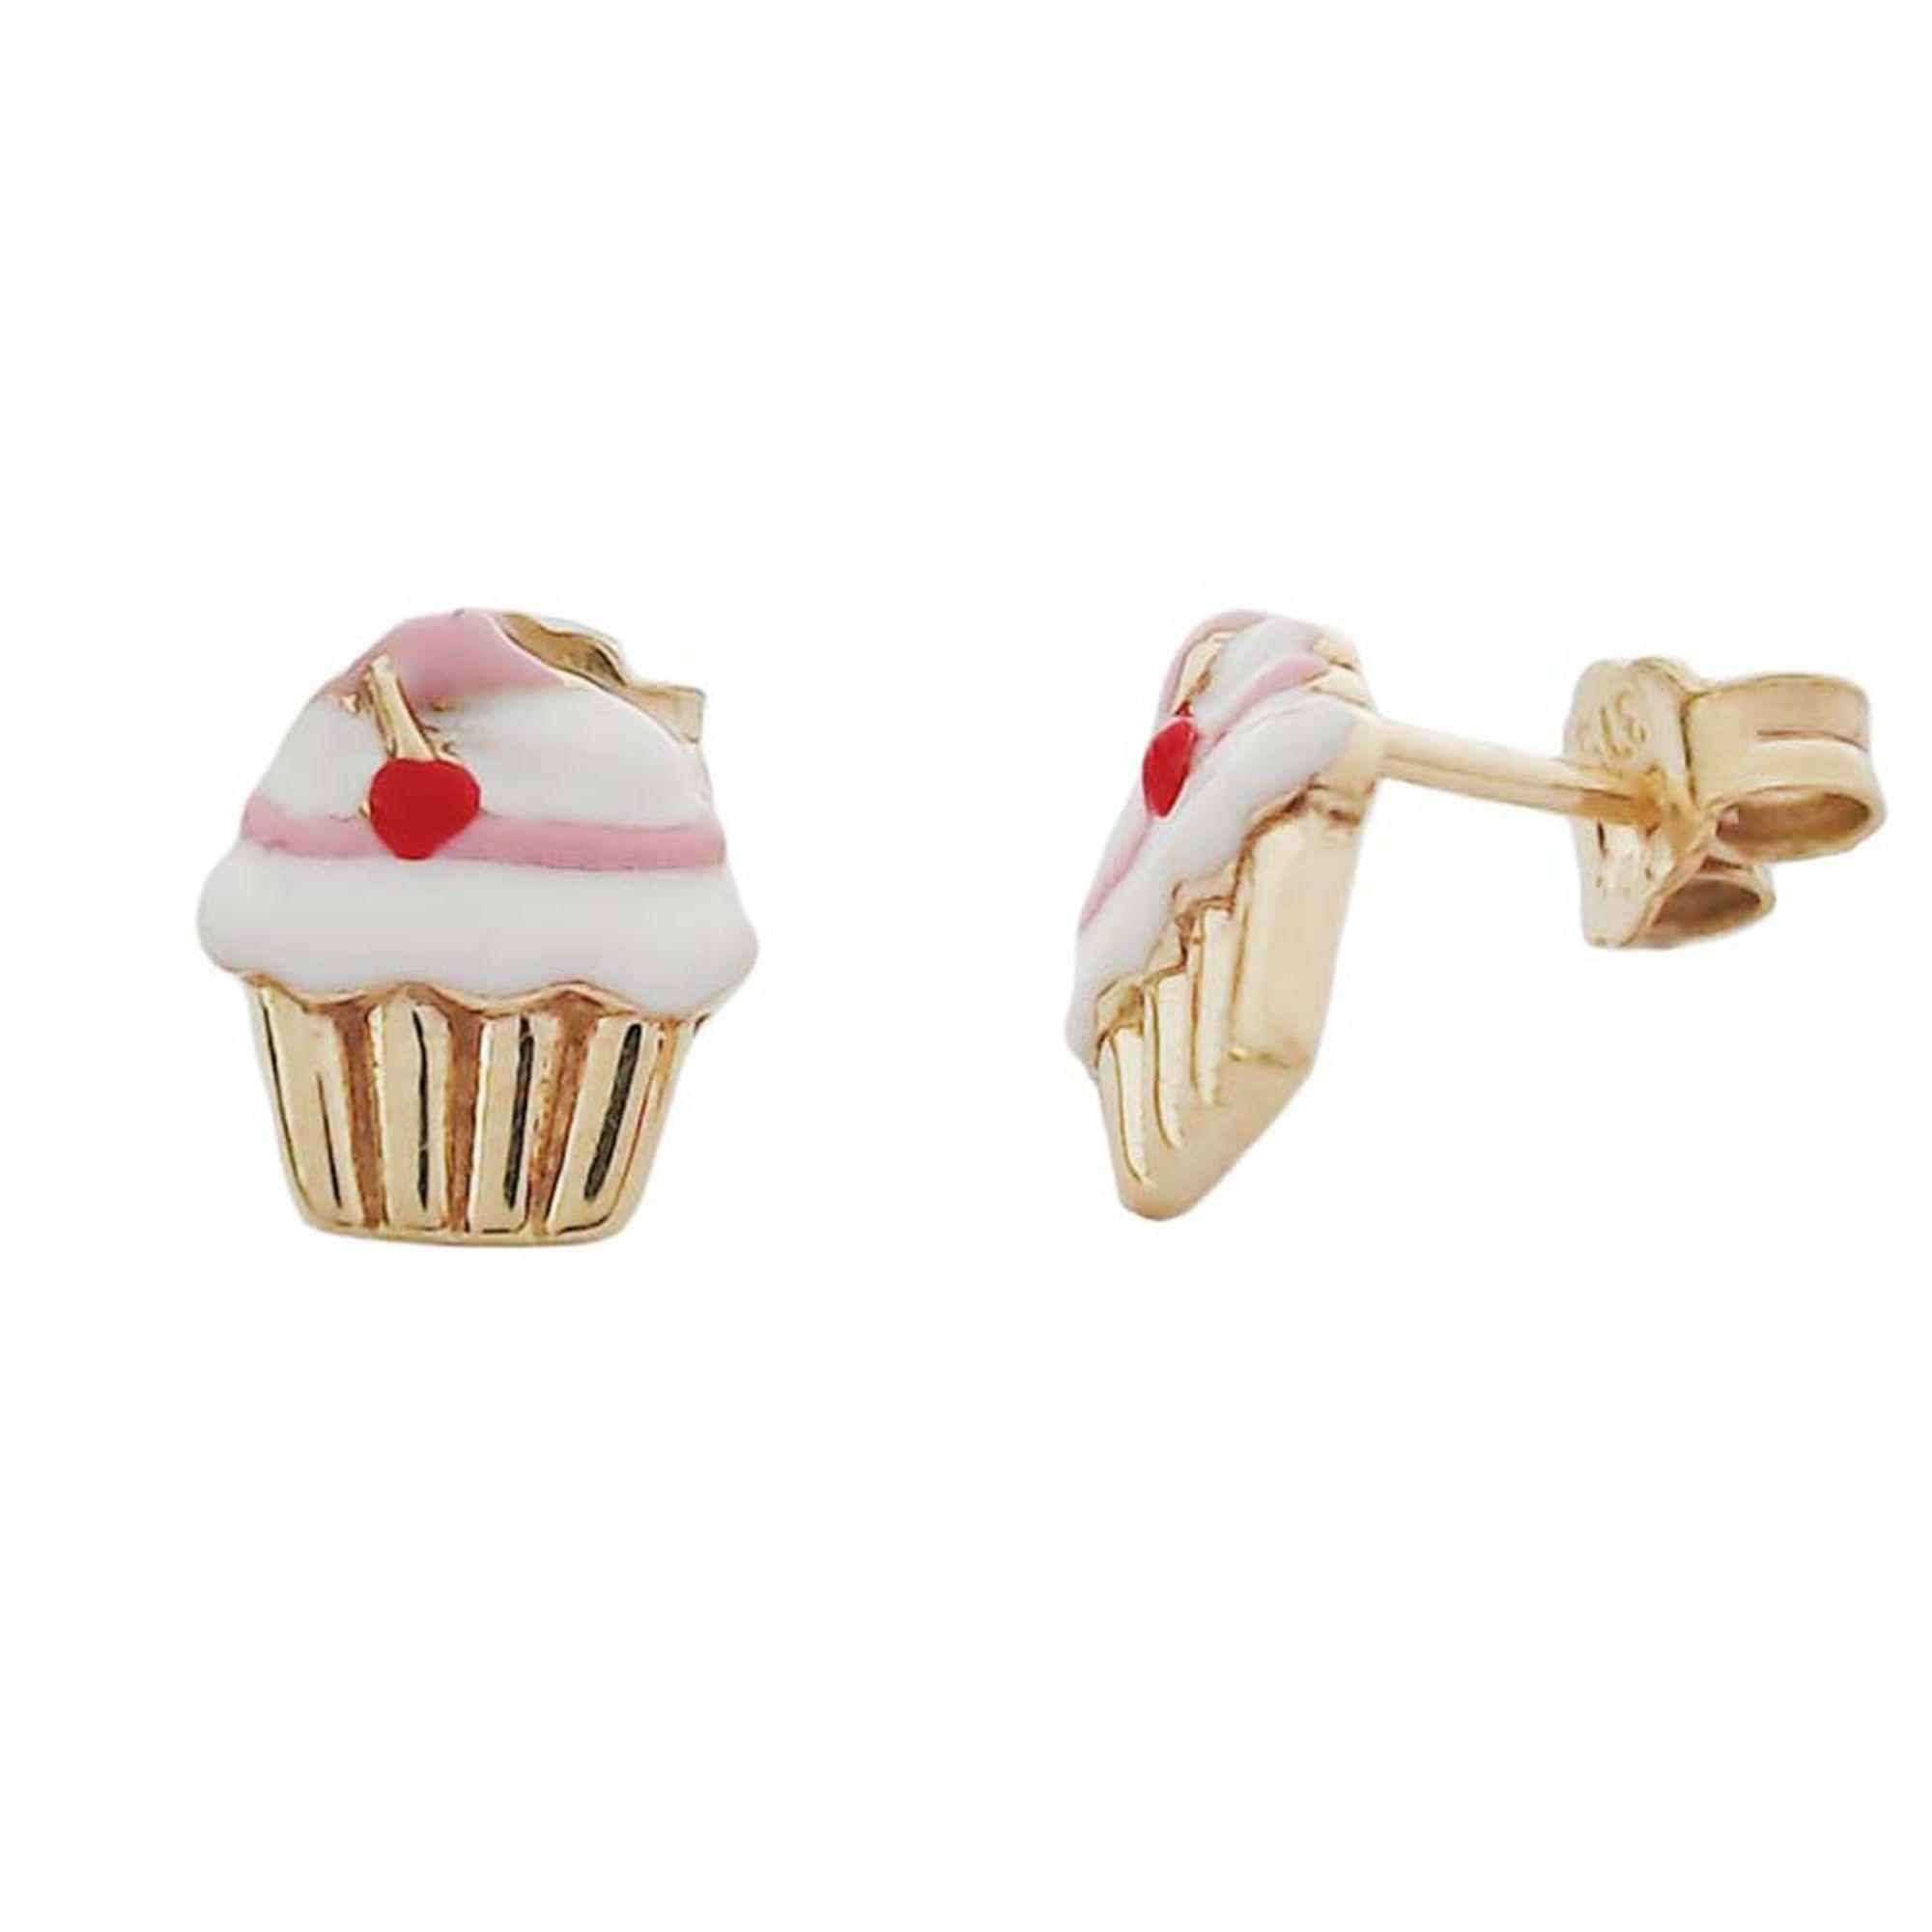 Παιδικά Σκουλαρίκια, Χρυσά παιδικά σκουλαρίκια, ΔΩρεάν μεταφορικά, σκουλαρίκια με σμάλτο,, παιδικό κόσμημα